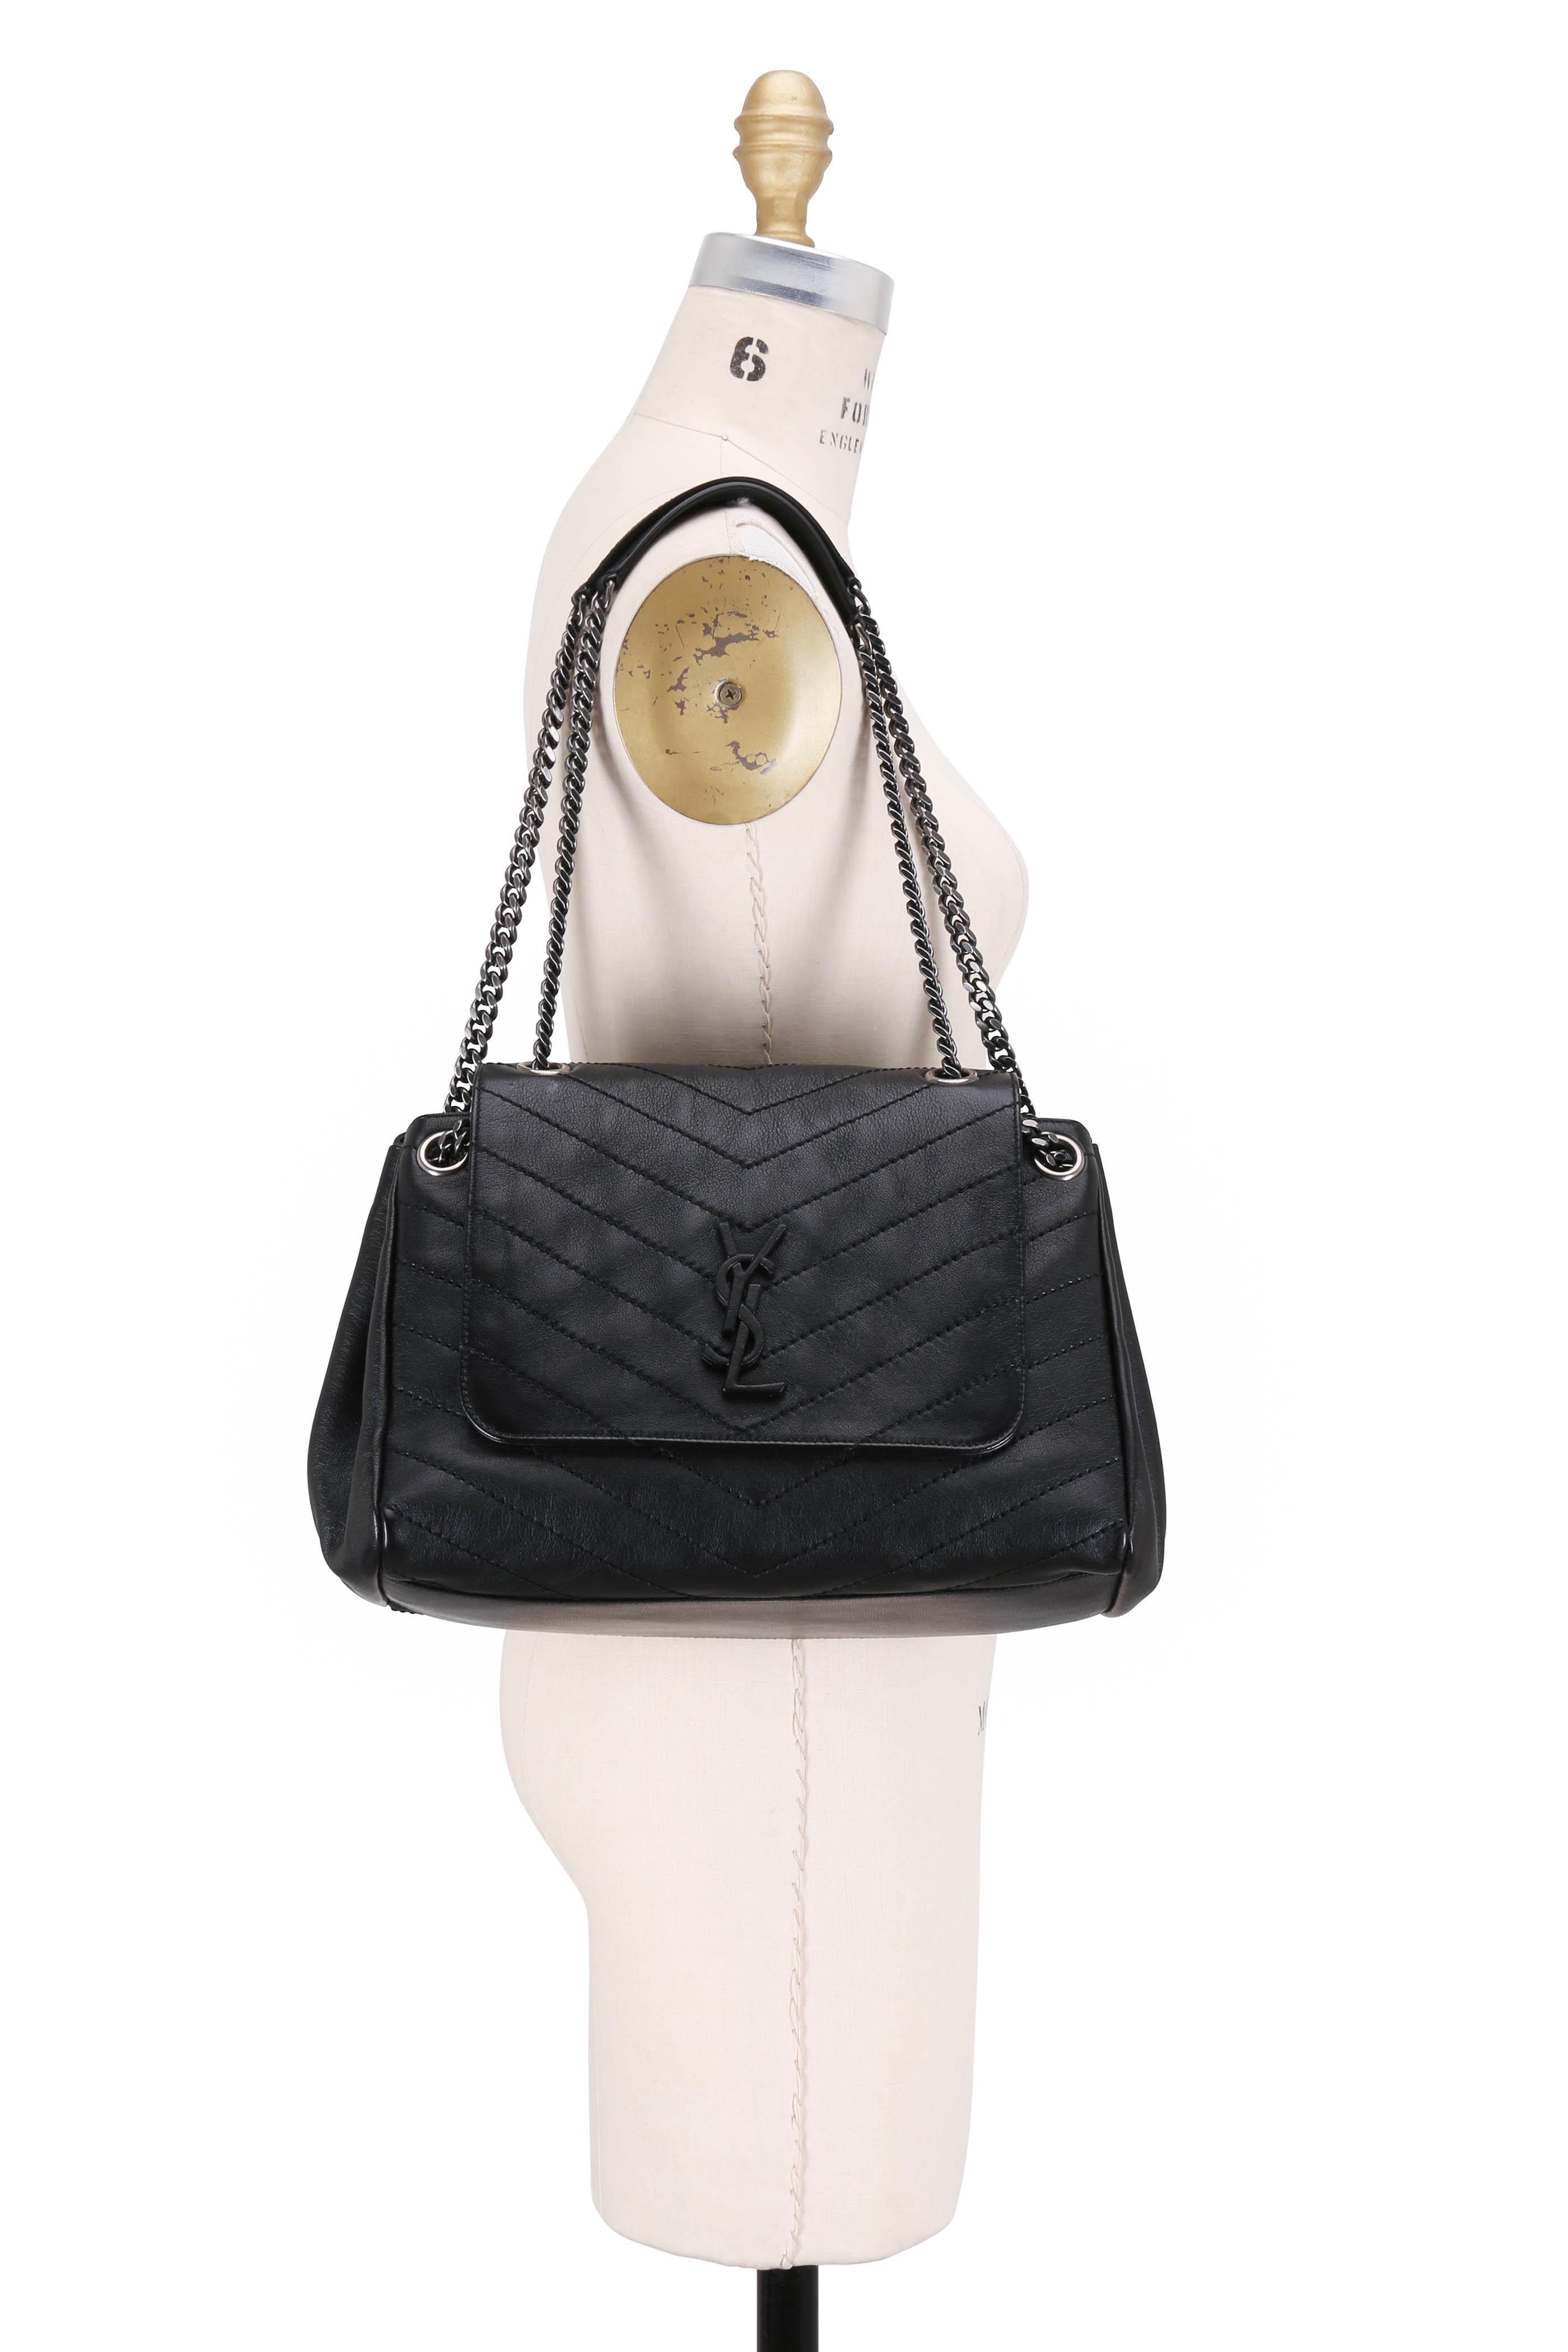 3a50e7bd44 Saint Laurent - Nolita Monogram Black Vintage Leather Large Bag ...